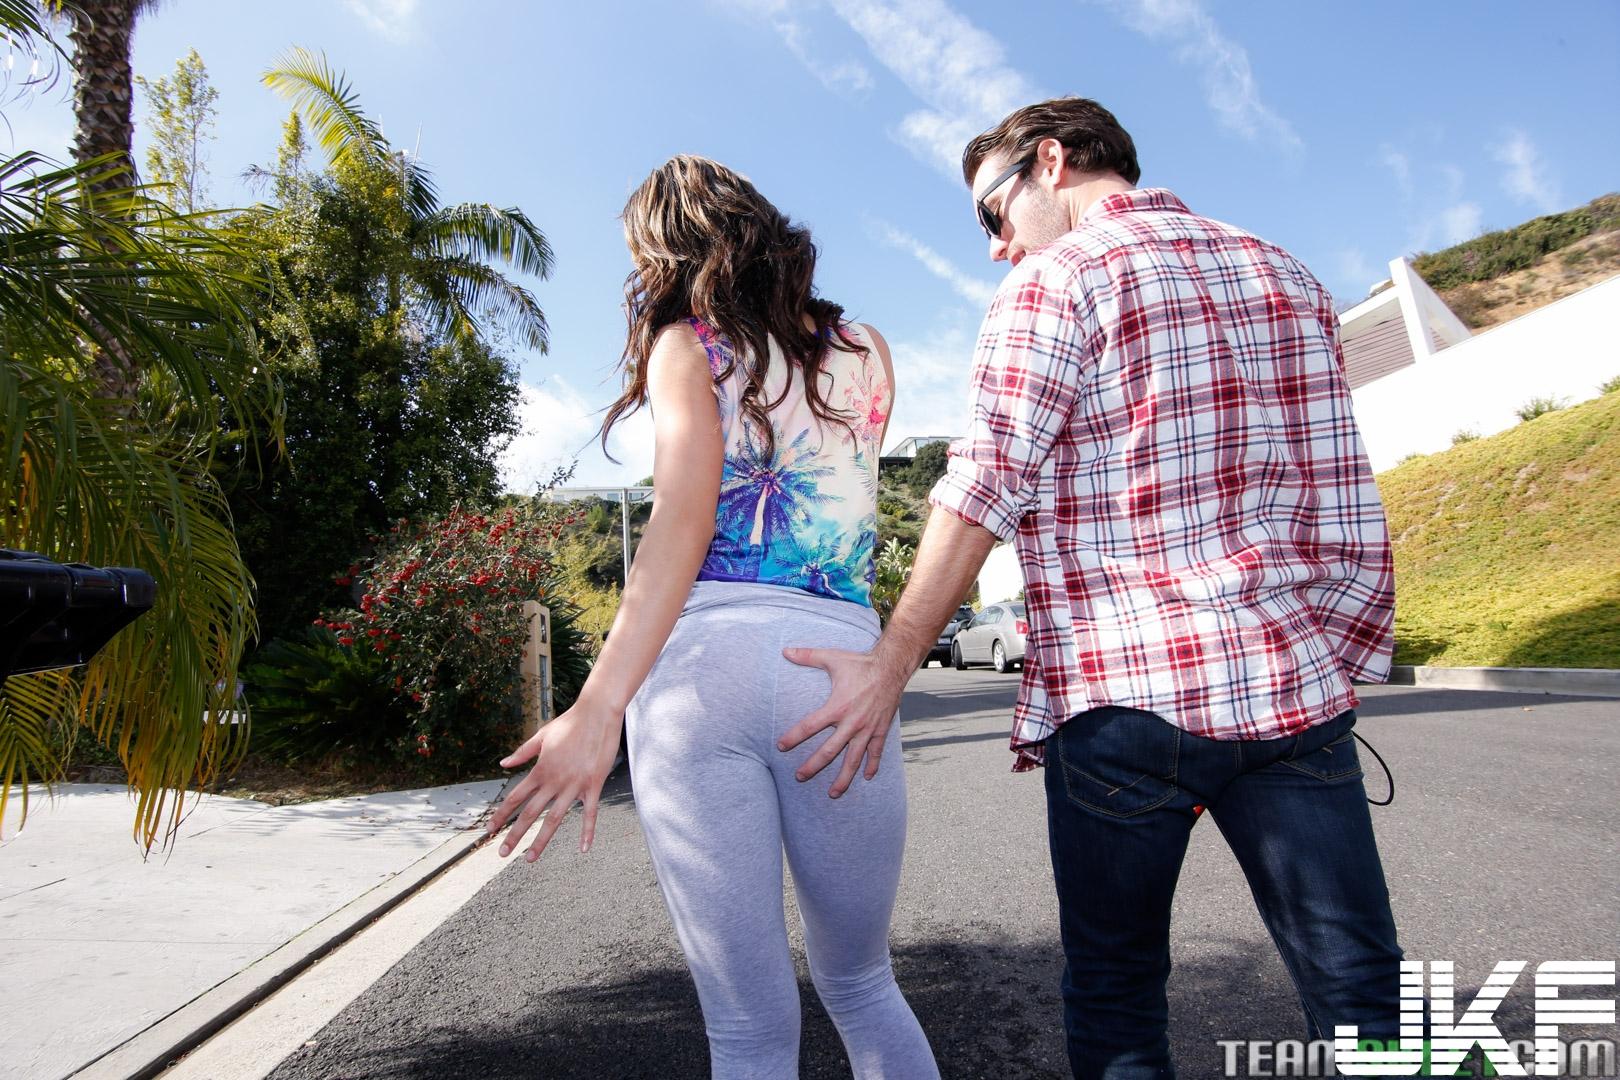 teencurves_teanna_trump_277.jpg